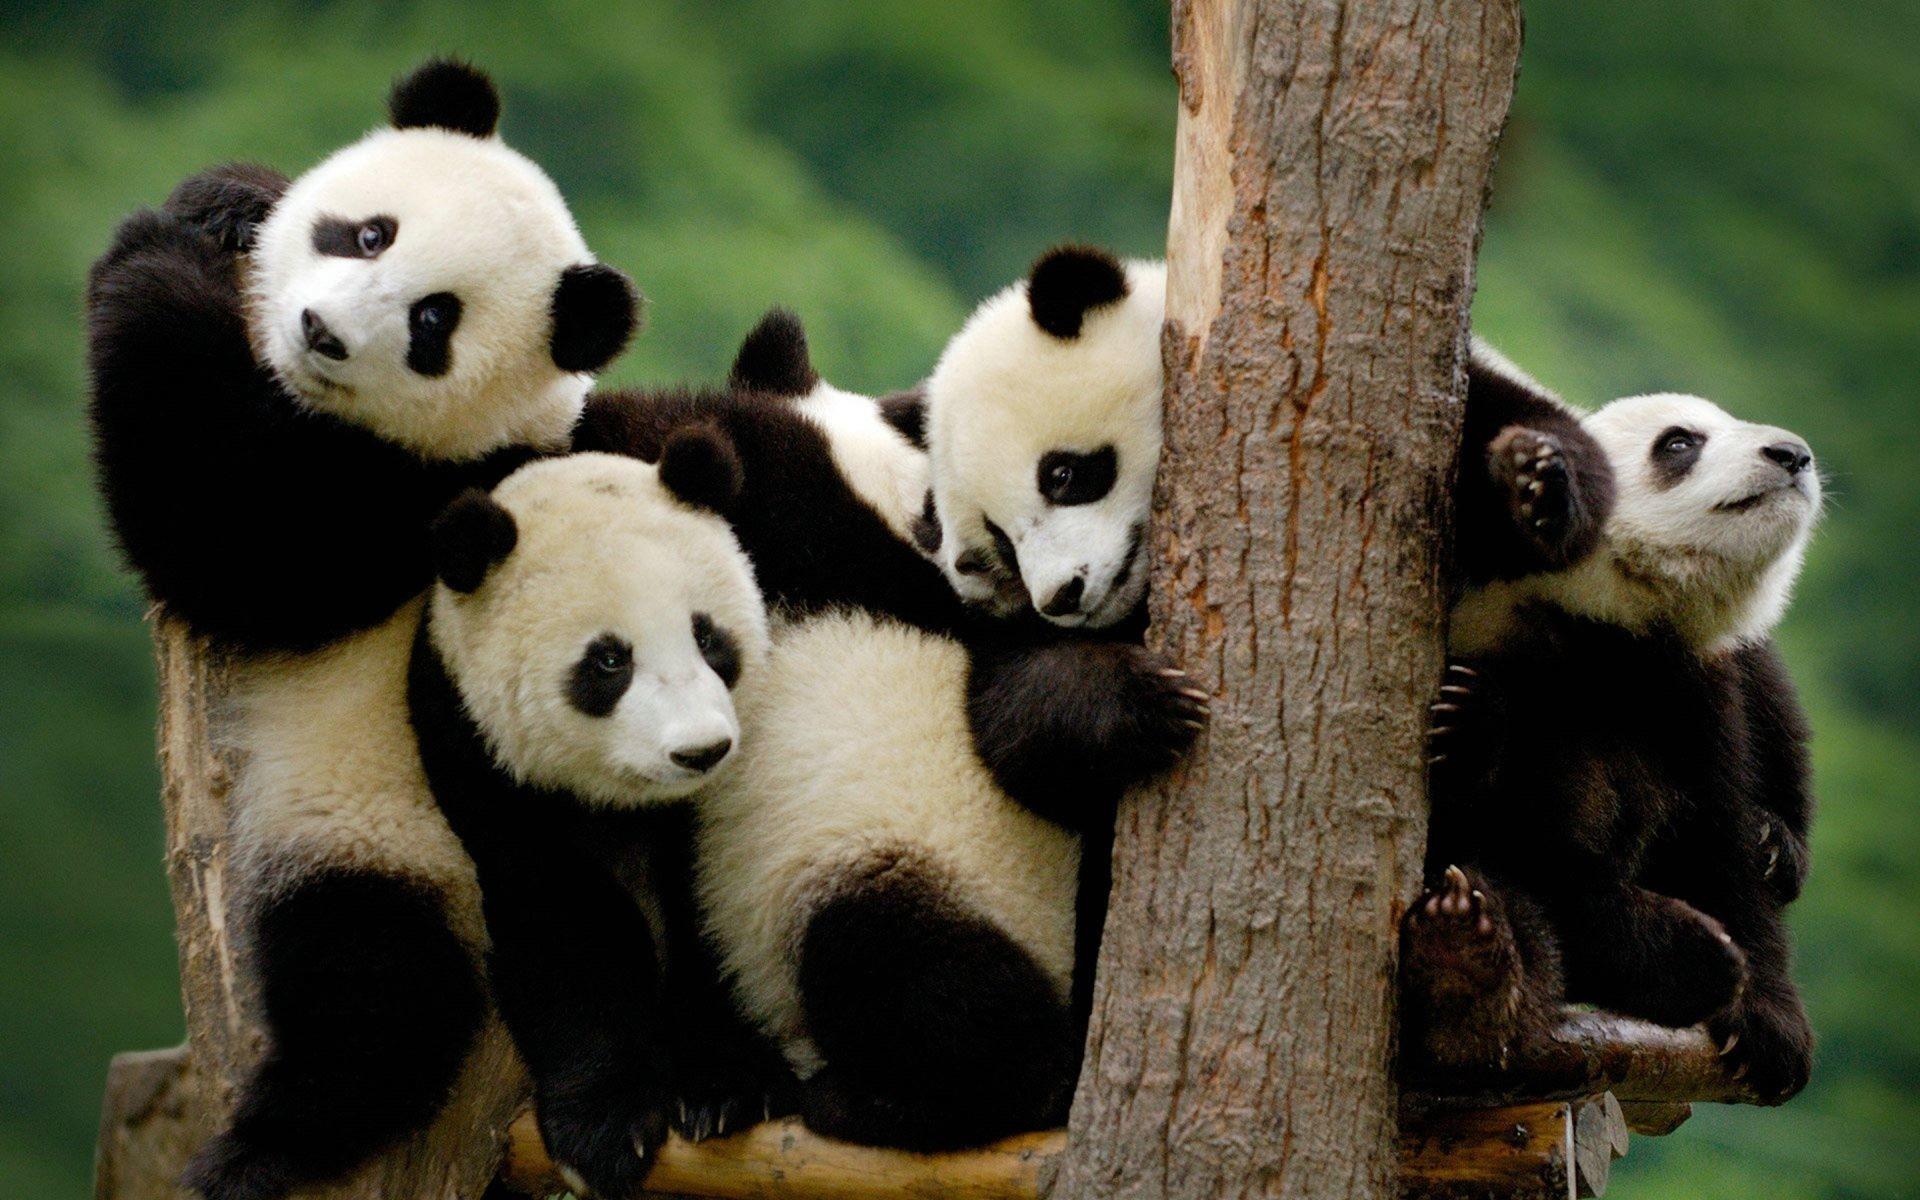 Cute Baby Panda Wallpaper 1920x1200